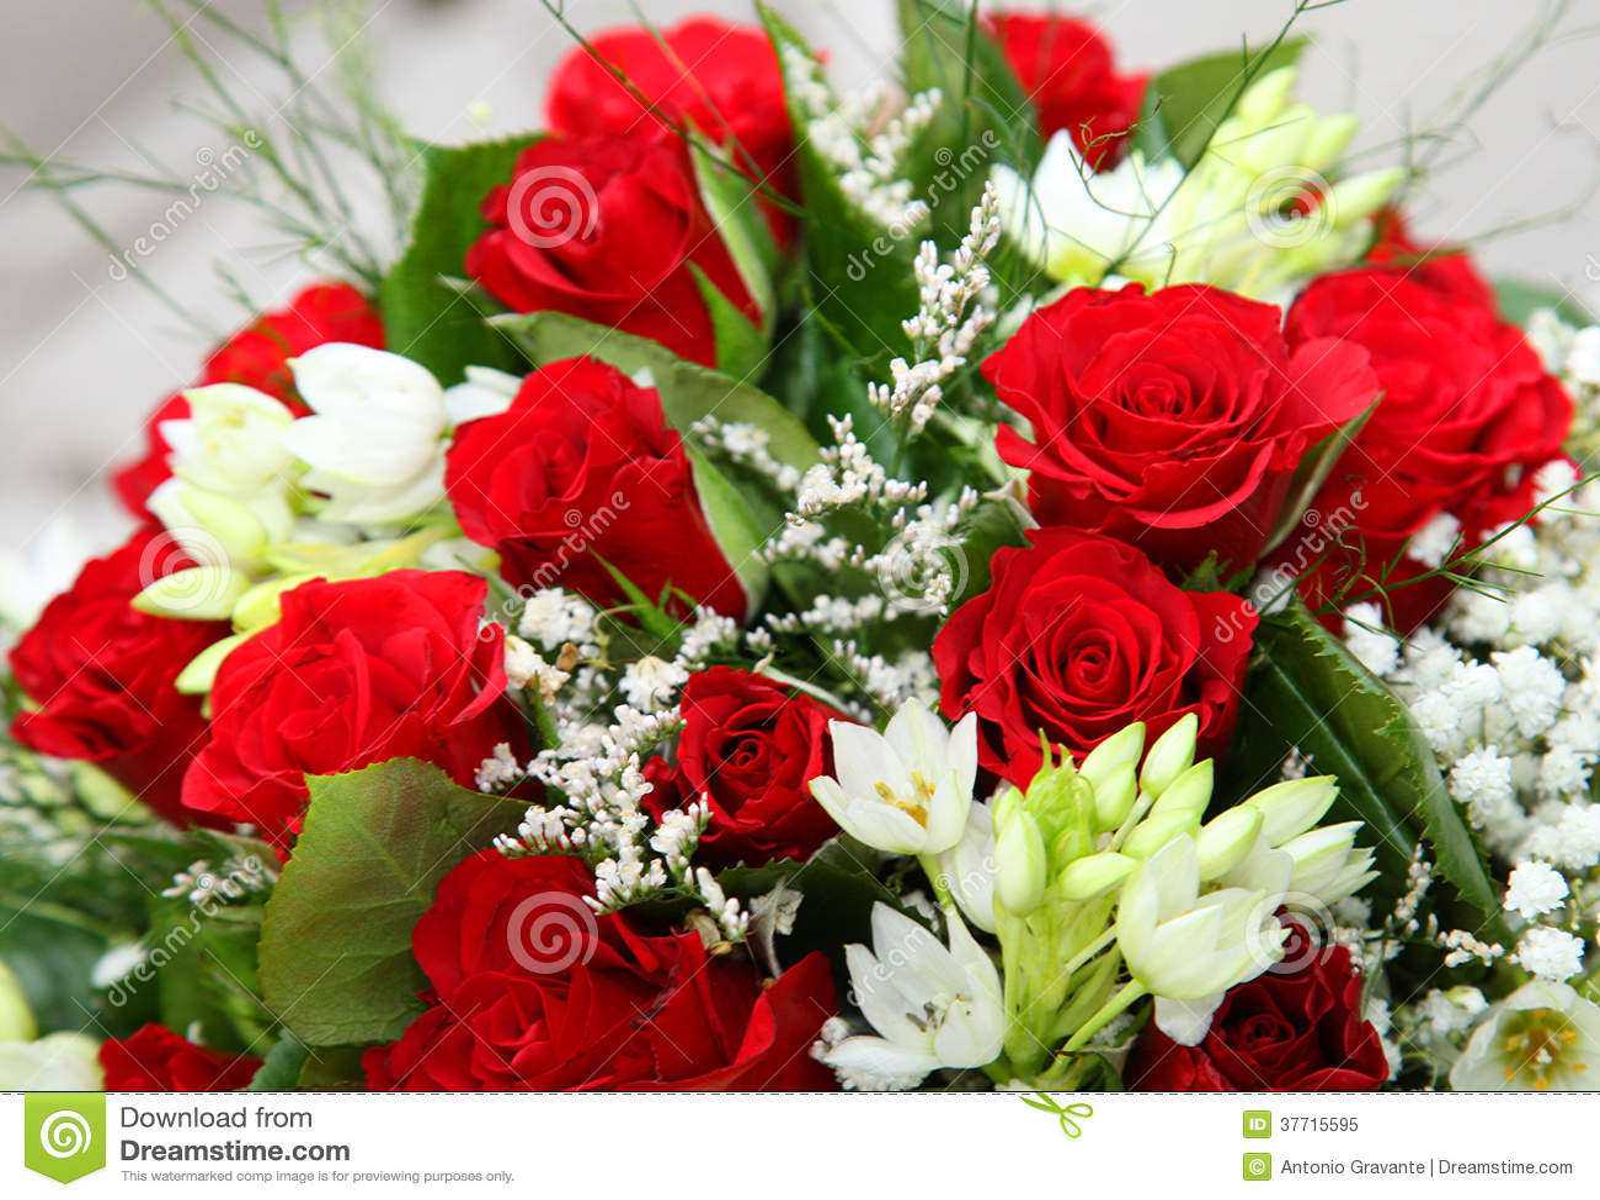 Bouquet de fleur des roses rouges photo libre de droits image 37715595 - Bouquet des fleurs rouges ...